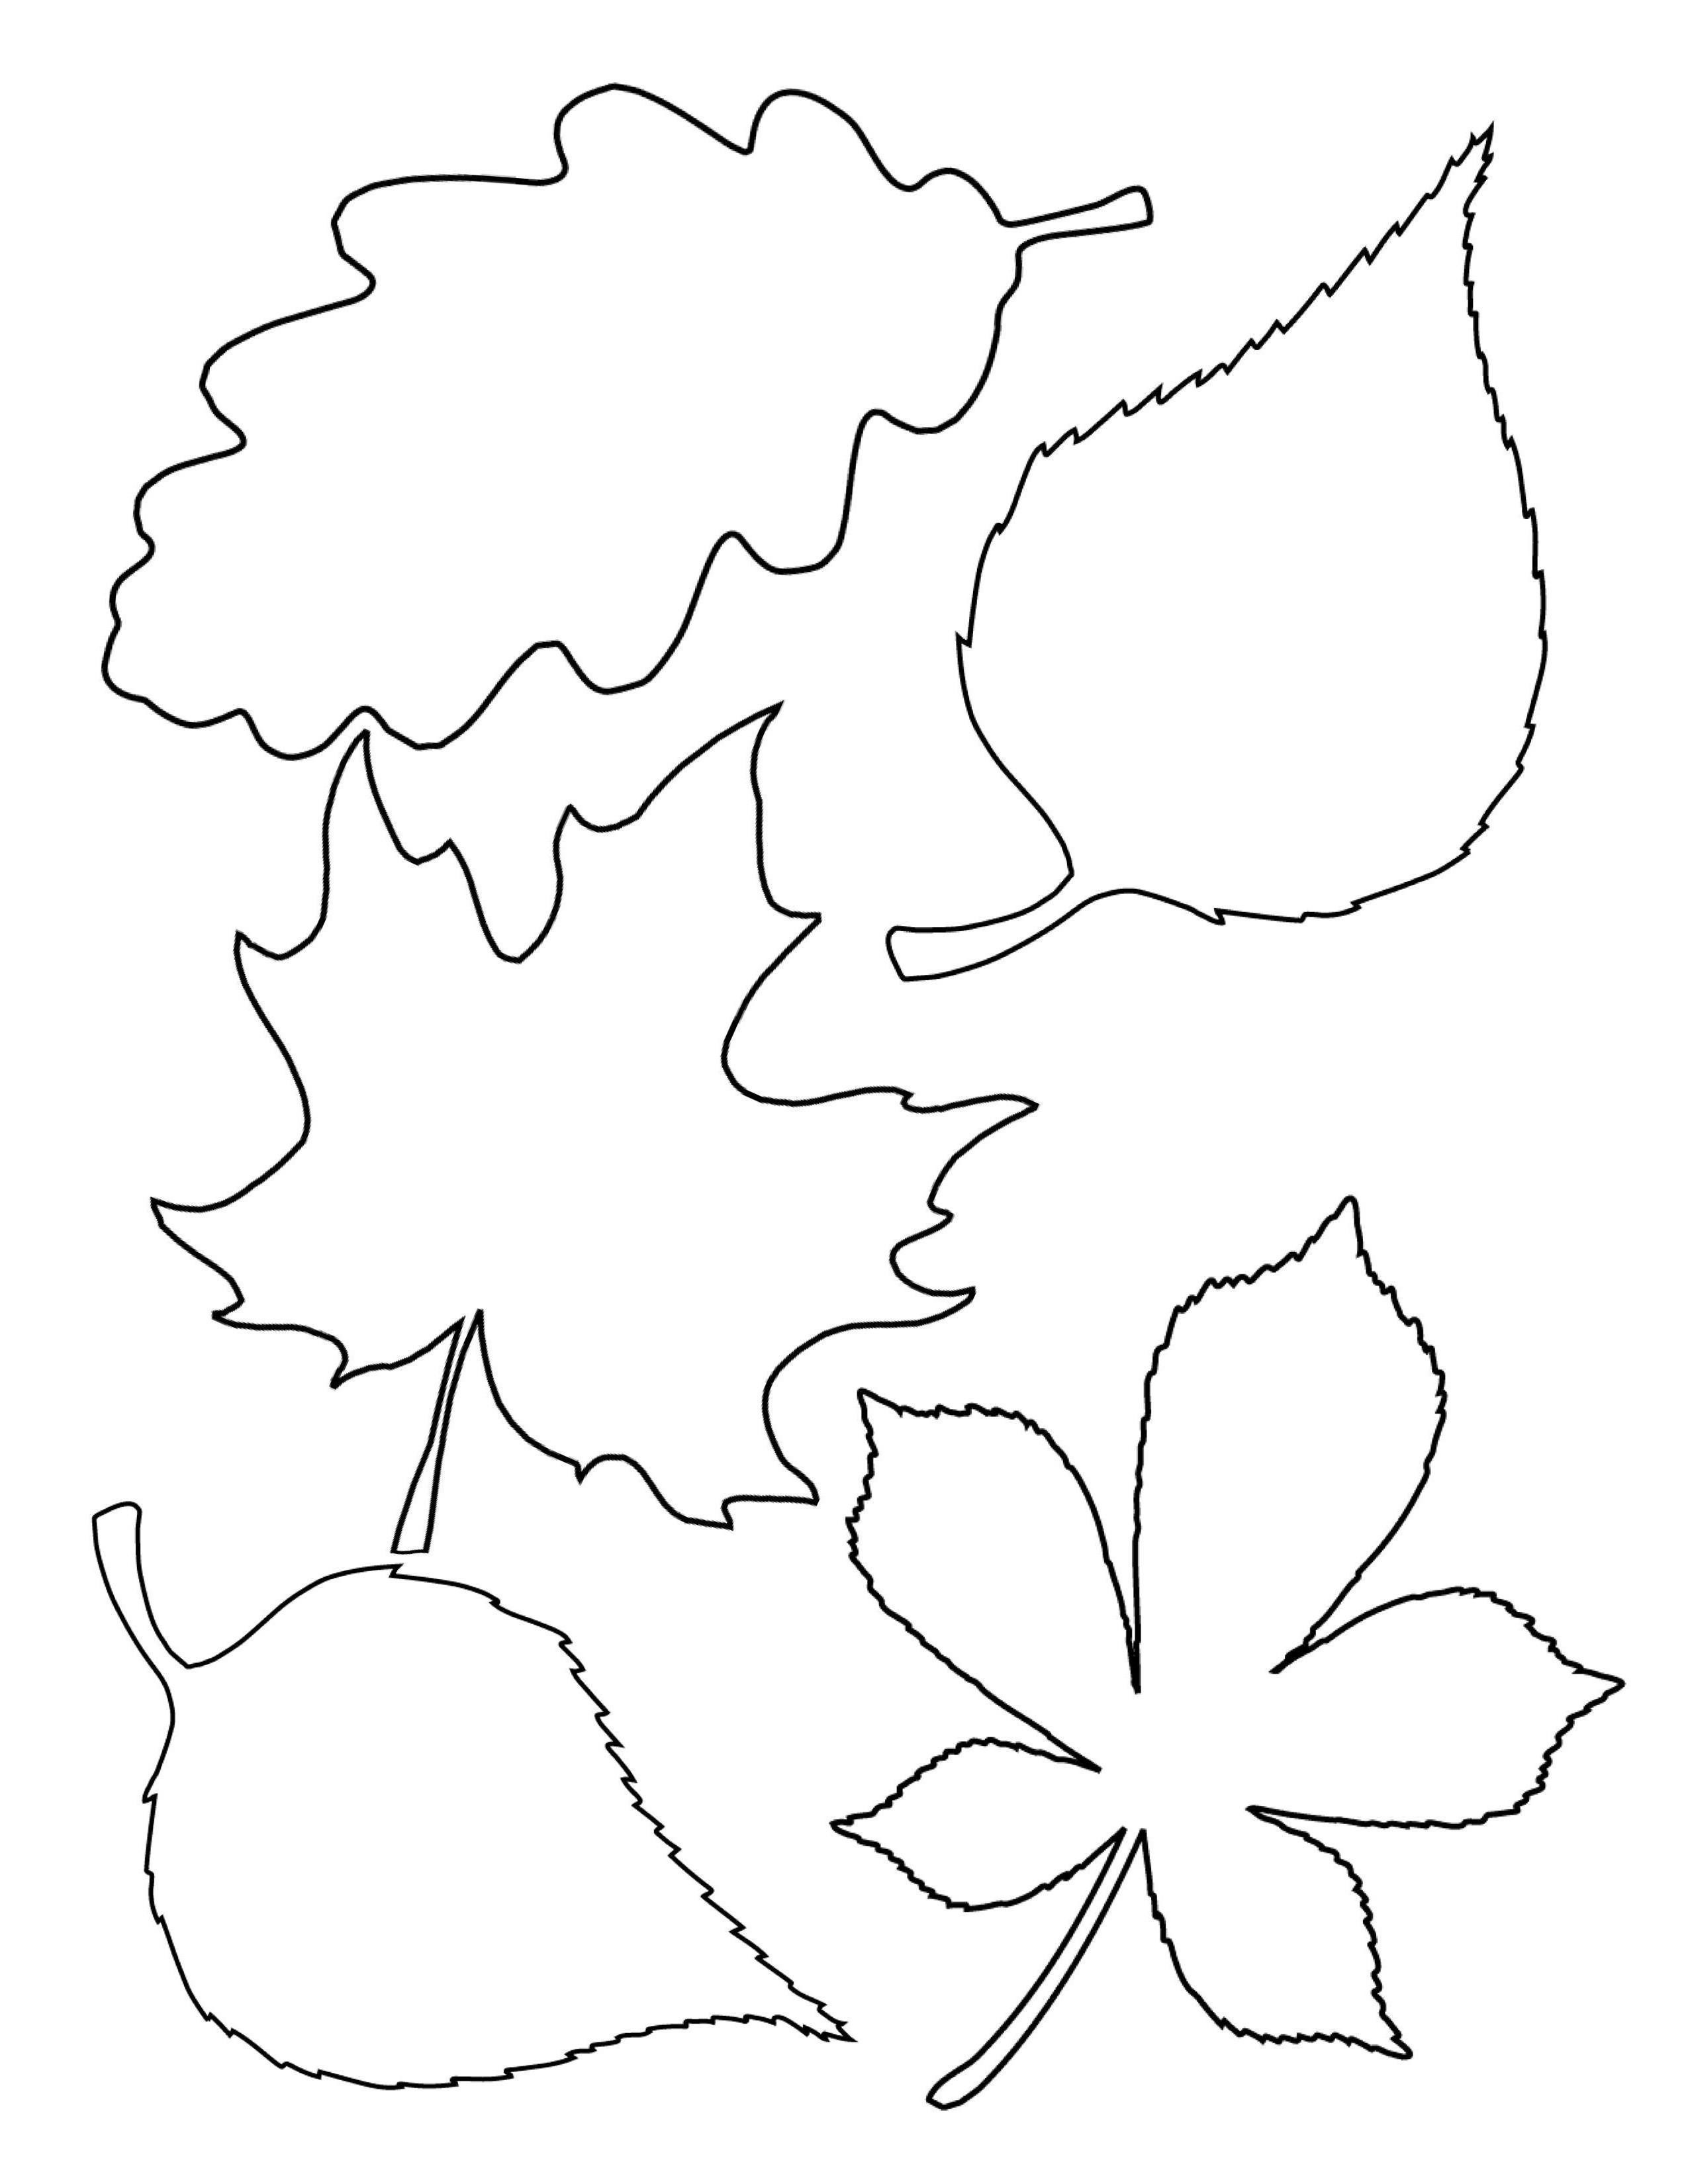 Ausmalbild Weltkugel Mit Kindern Frisch 35 Neu Malvorlage Baum – Malvorlagen Ideen Galerie